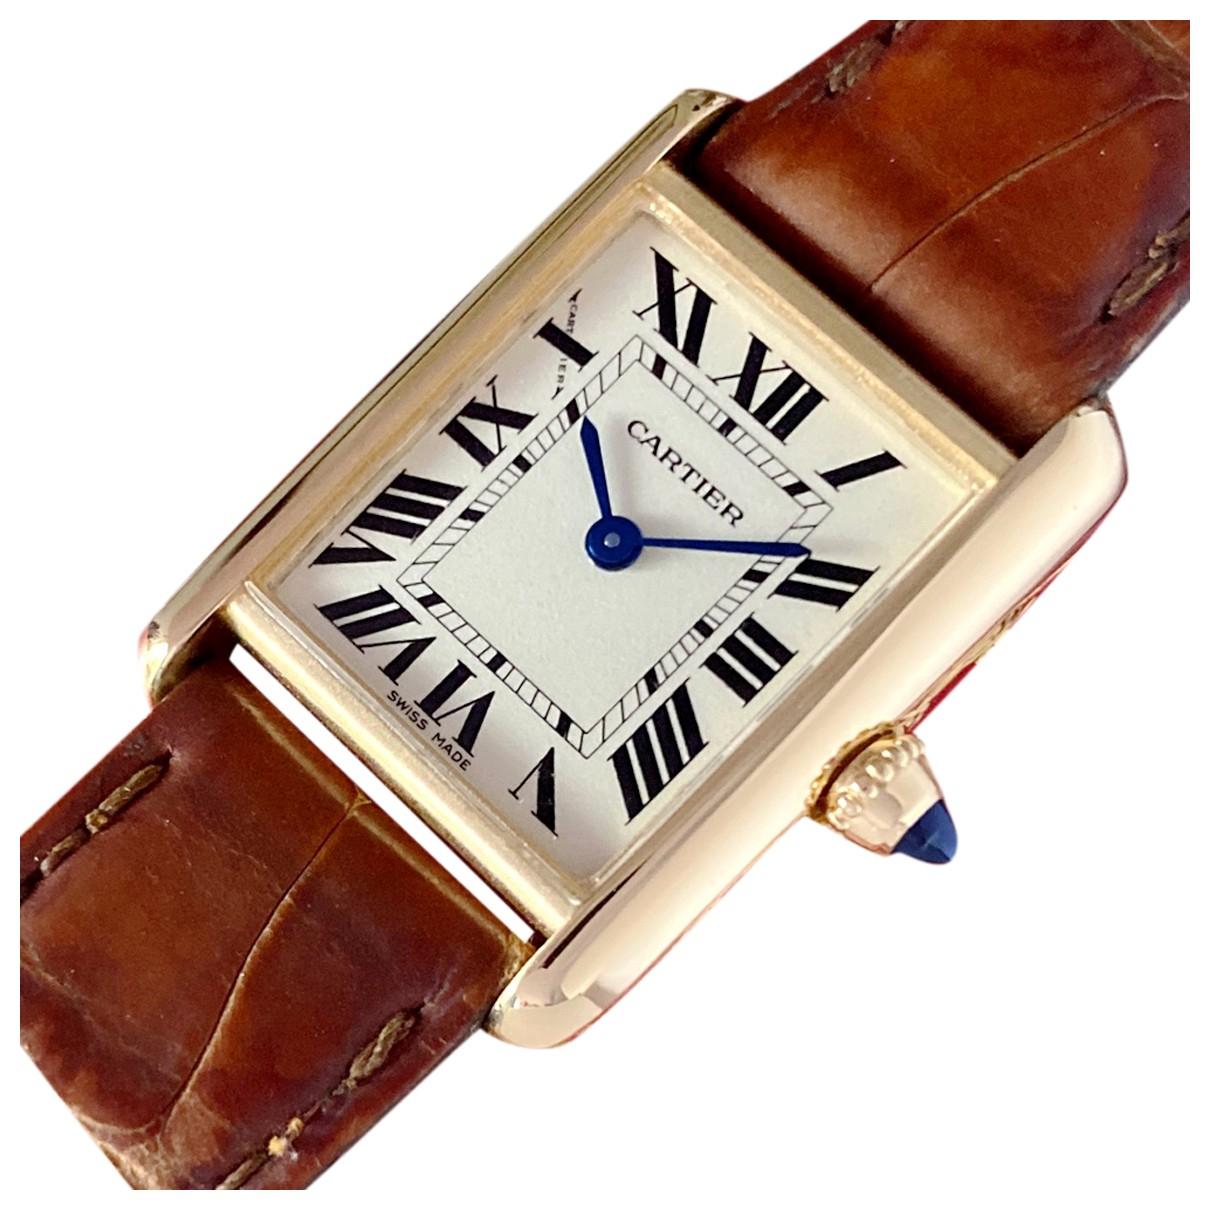 Reloj Tank Louis Cartier de Oro amarillo Cartier